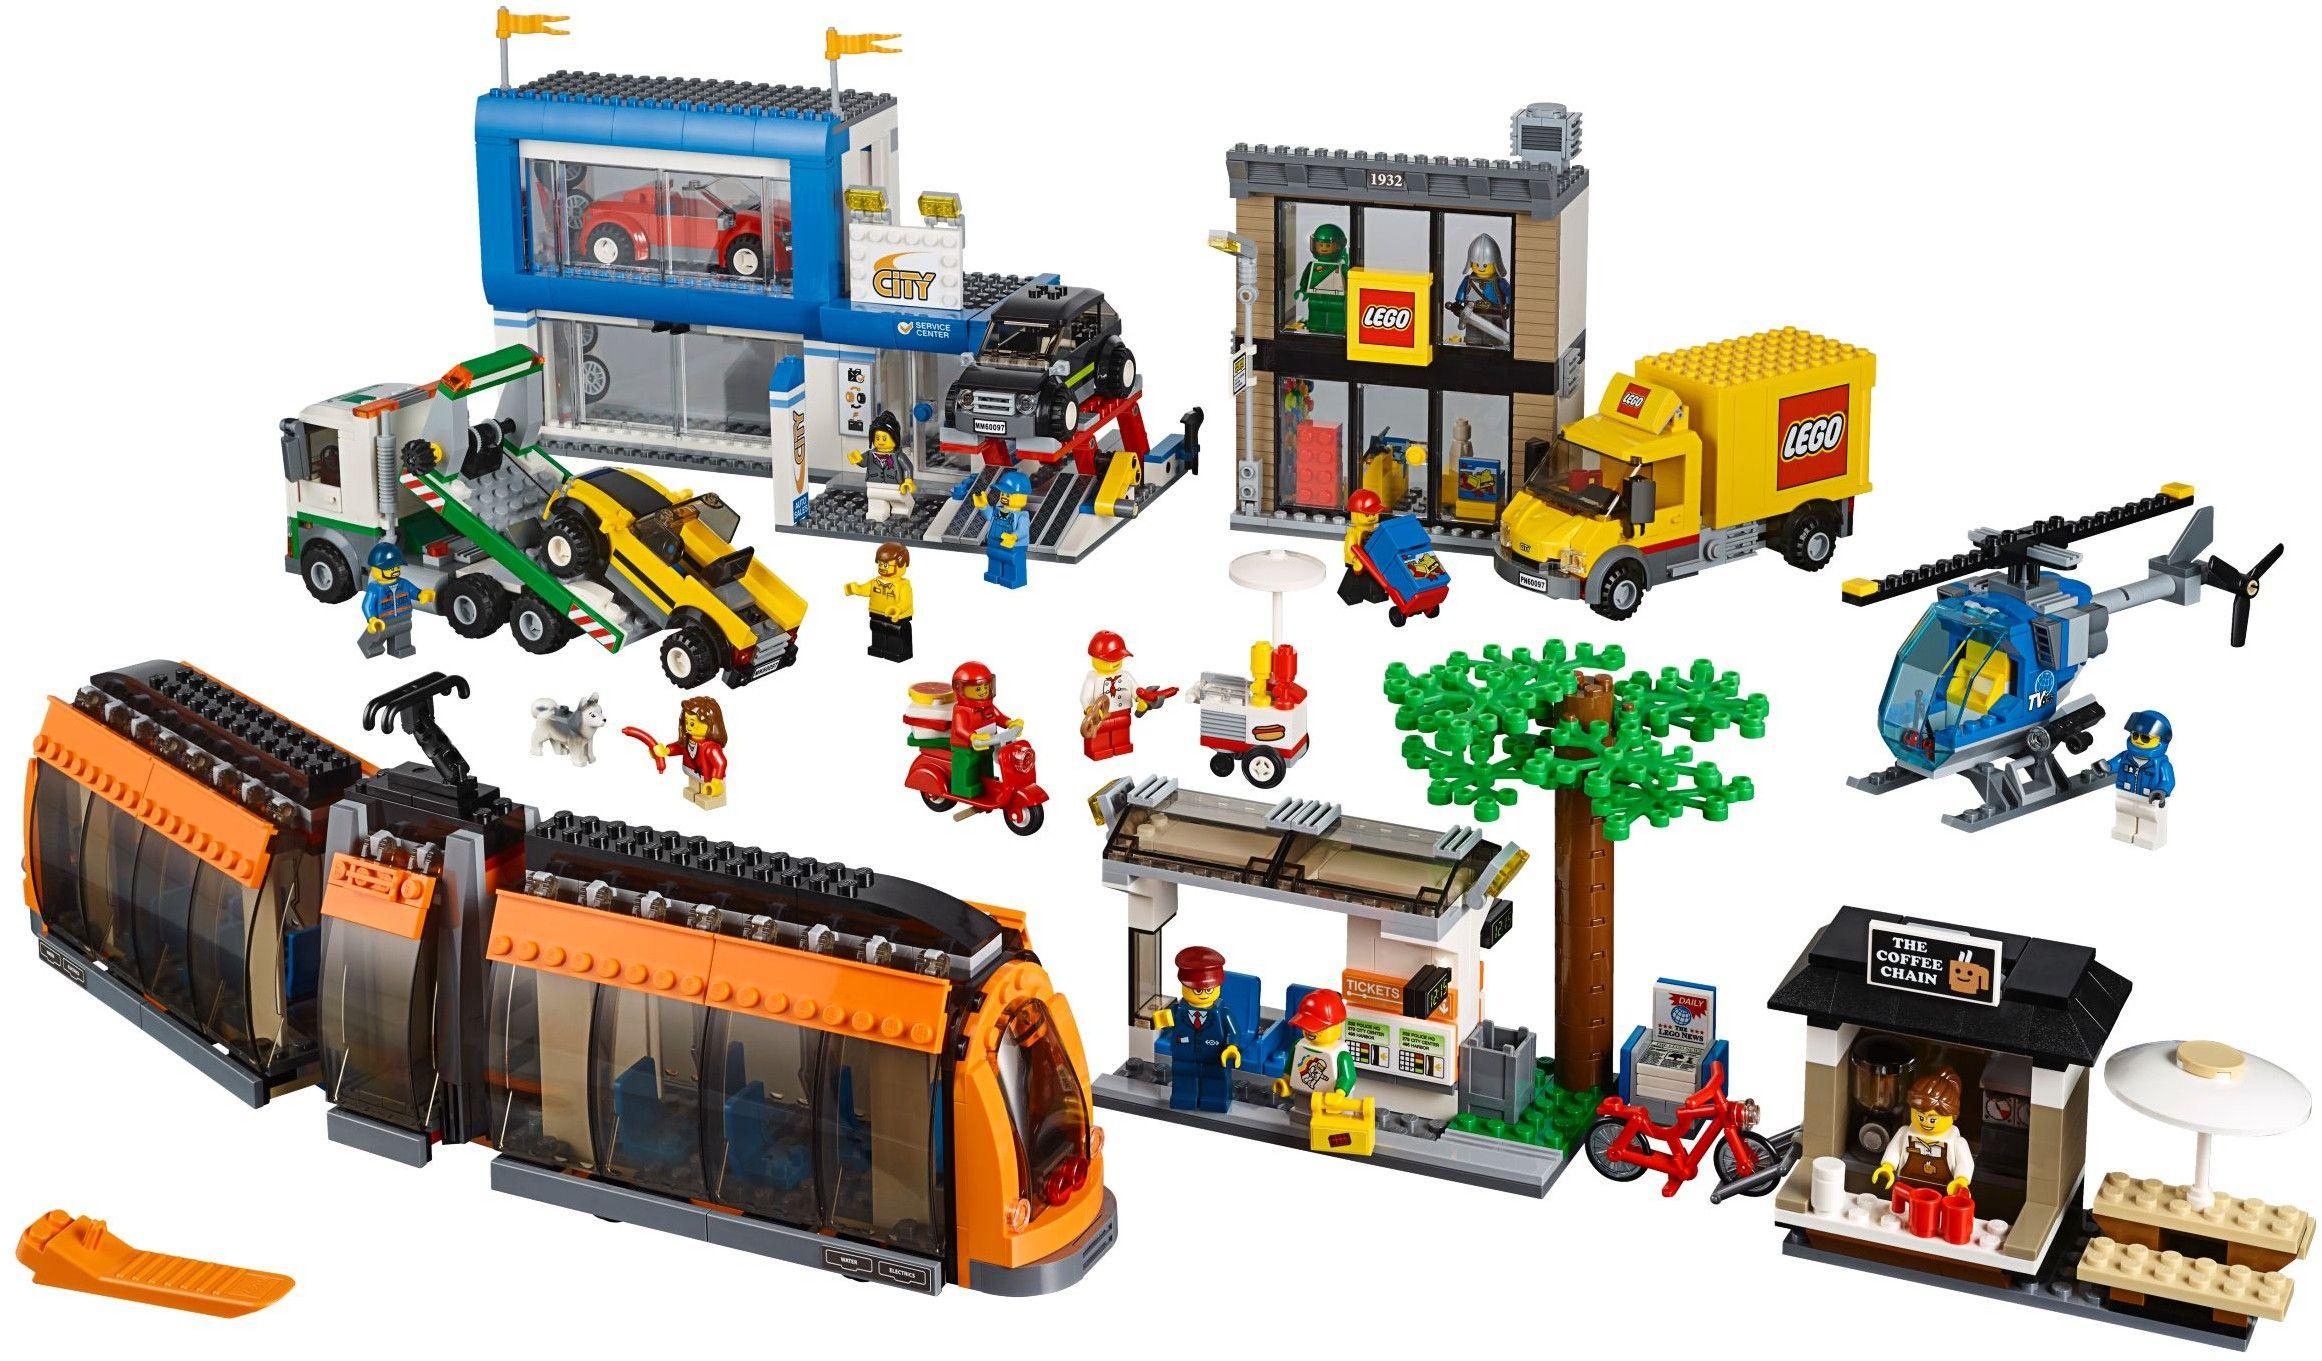 600971 City Square Lego city, Lego city sets, Building